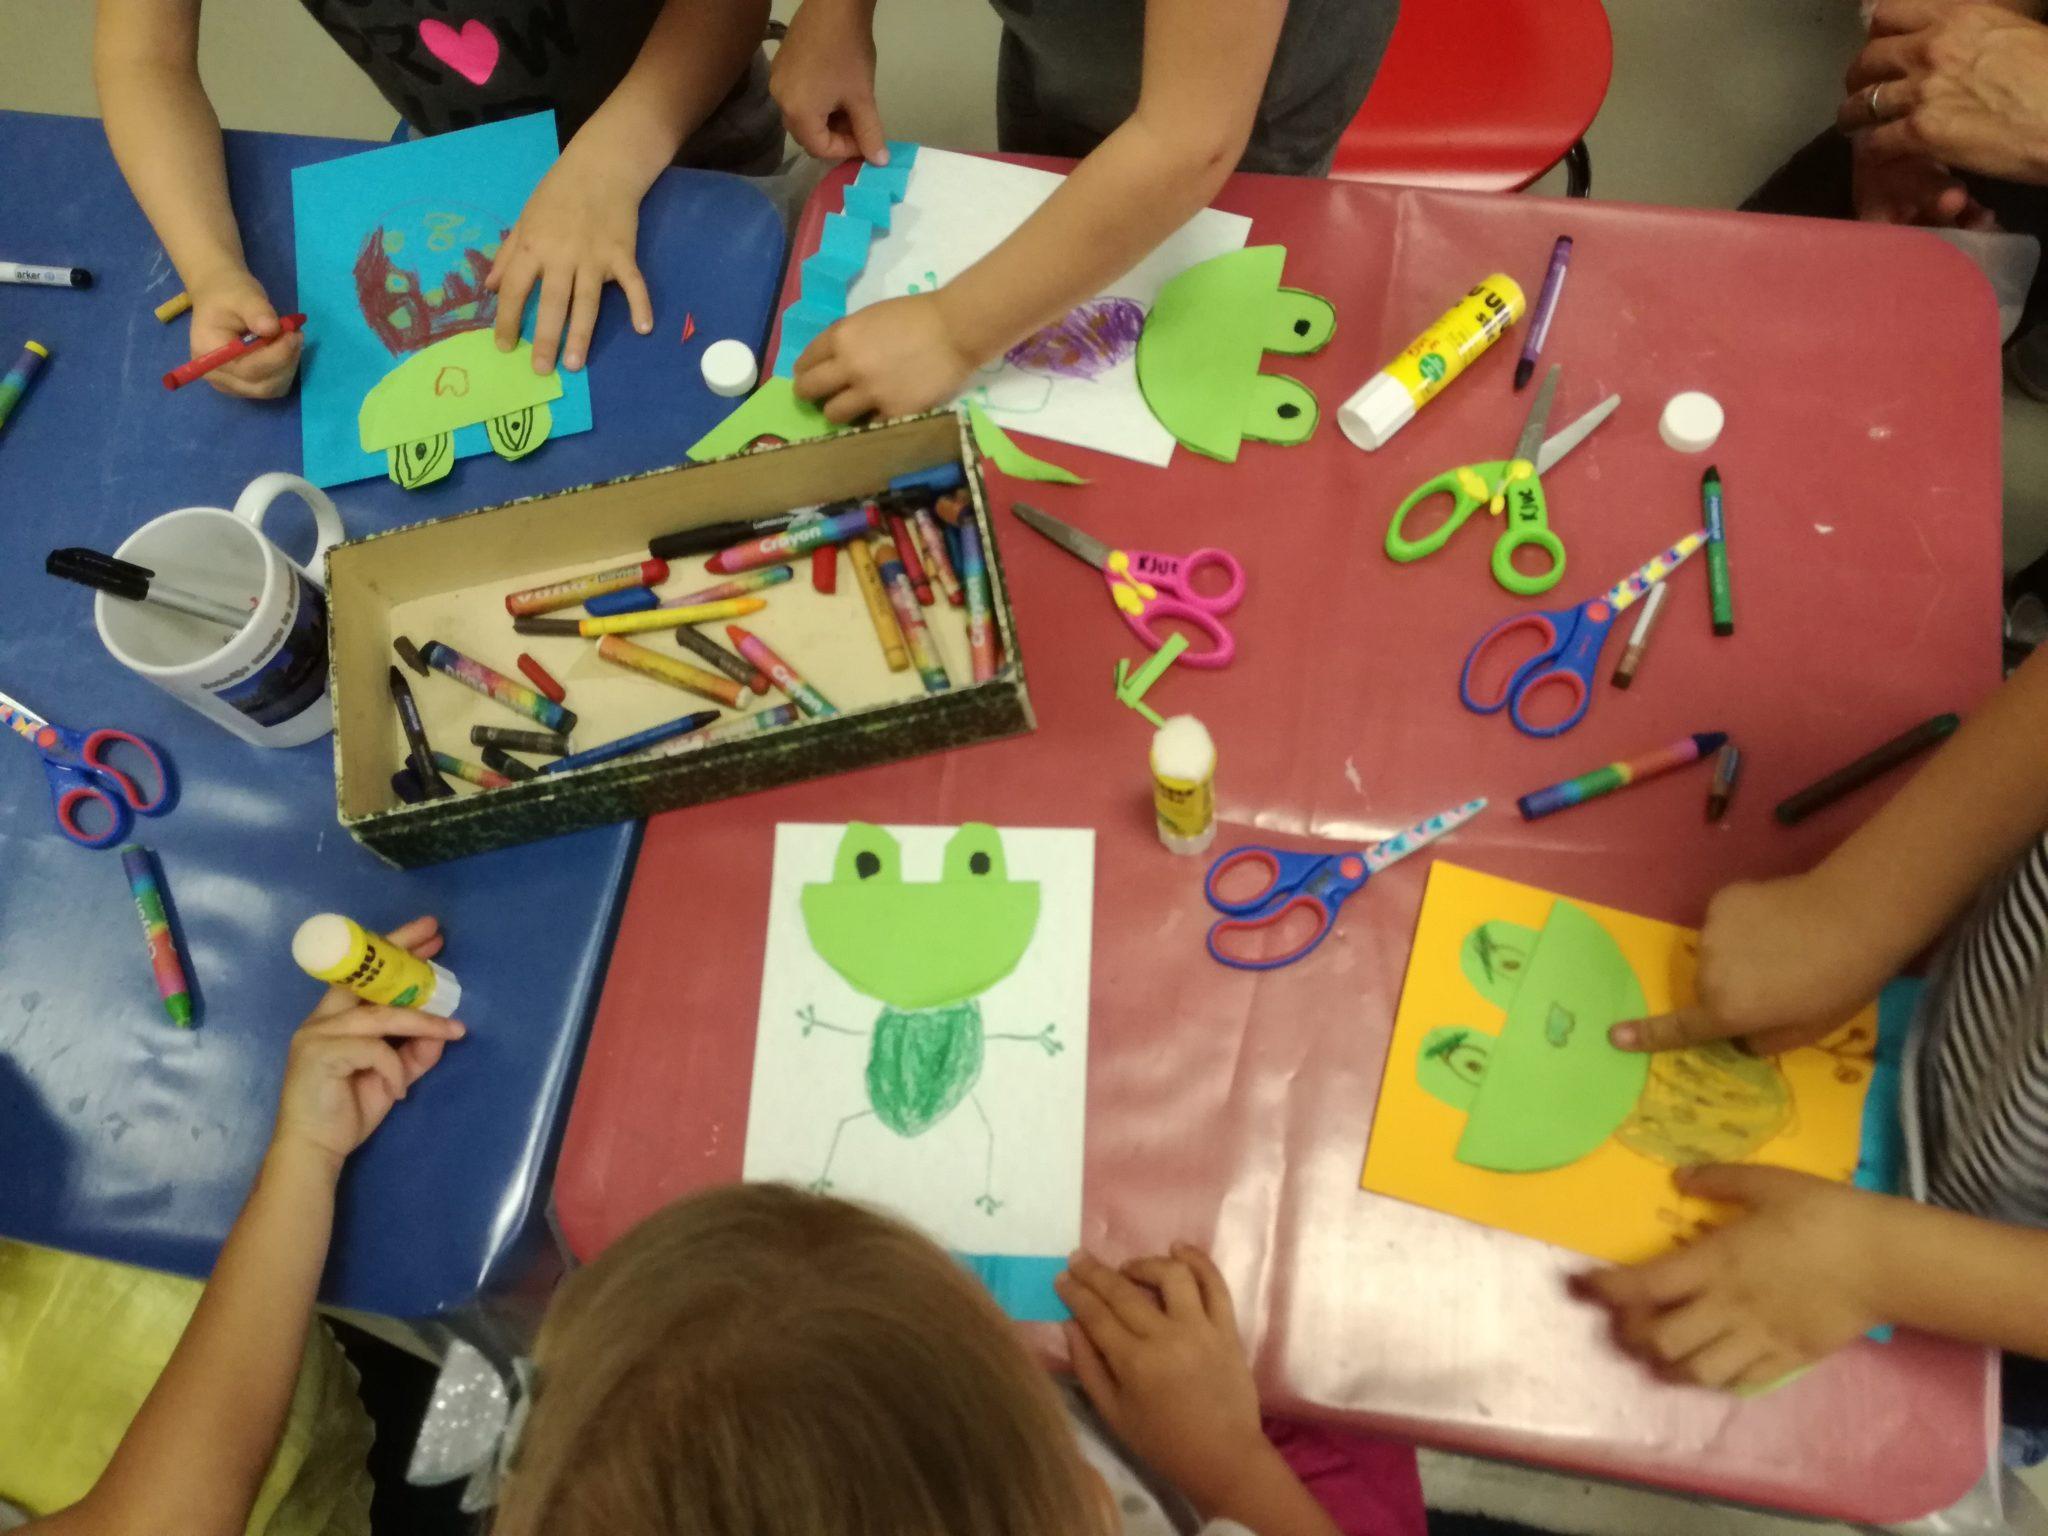 IMG 20190604 175932 - Pravljična ura in ustvarjalna delavnica za otroke od 4. leta dalje – Cerknica